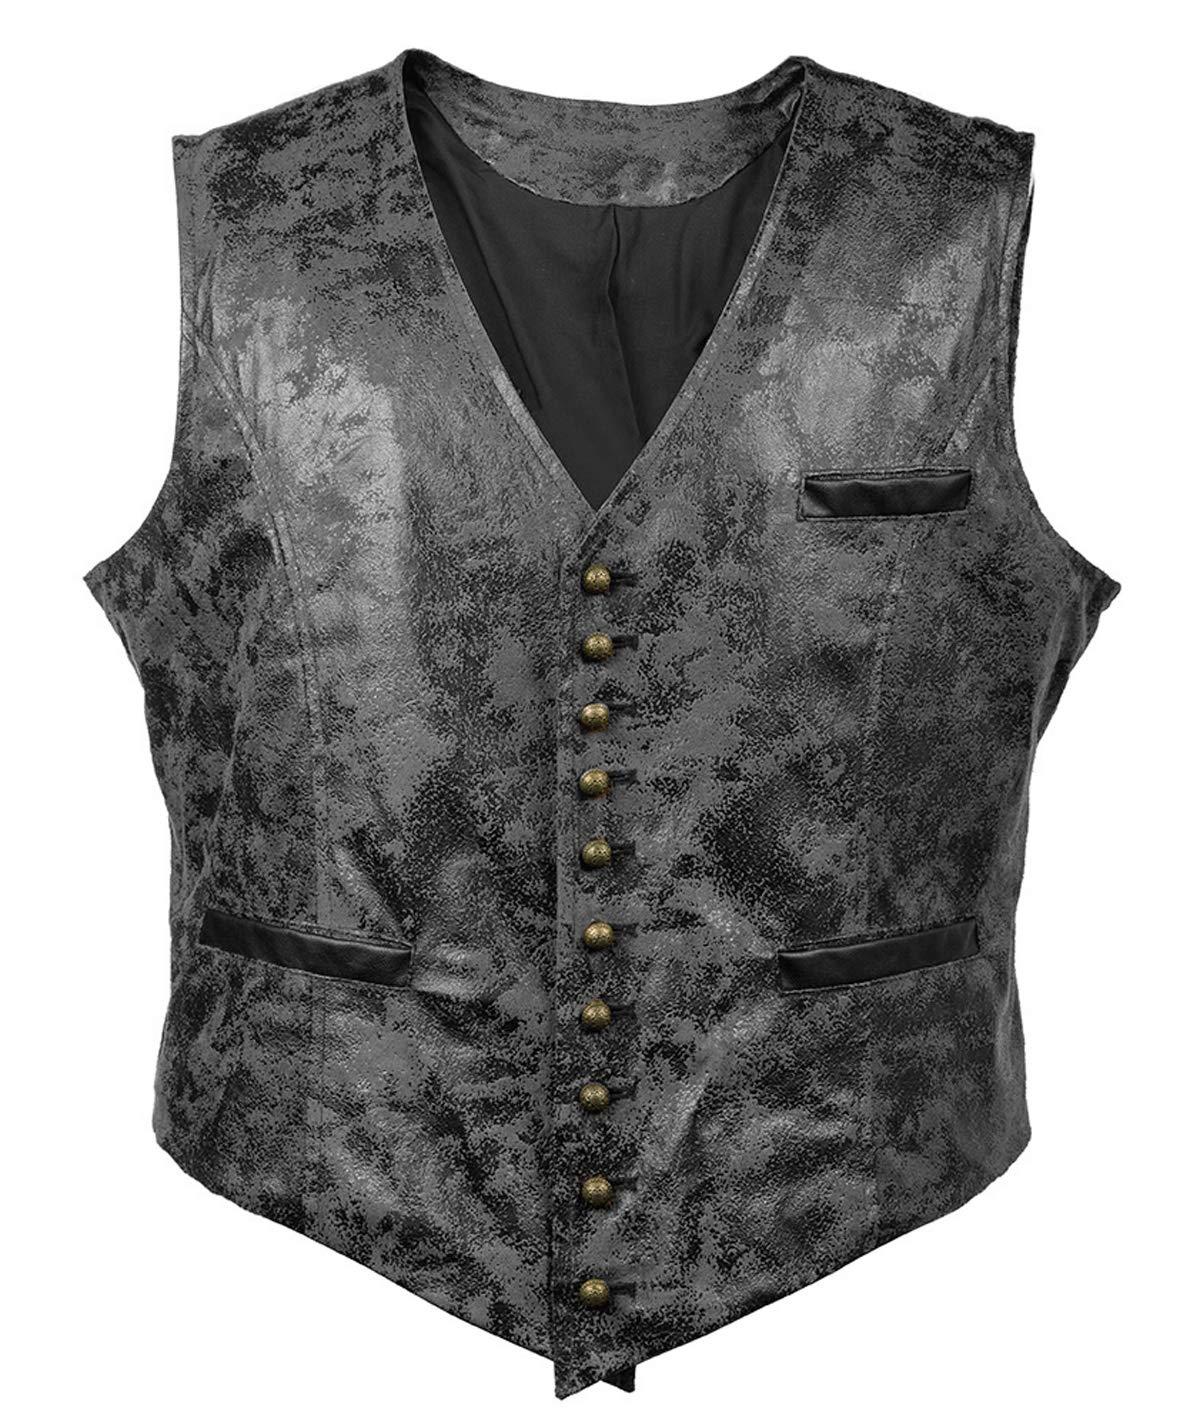 Bslingerie Mens Steampunk Faux Leather Cowboy Waist Coat Vest (M, Black Vest) by Bslingerie